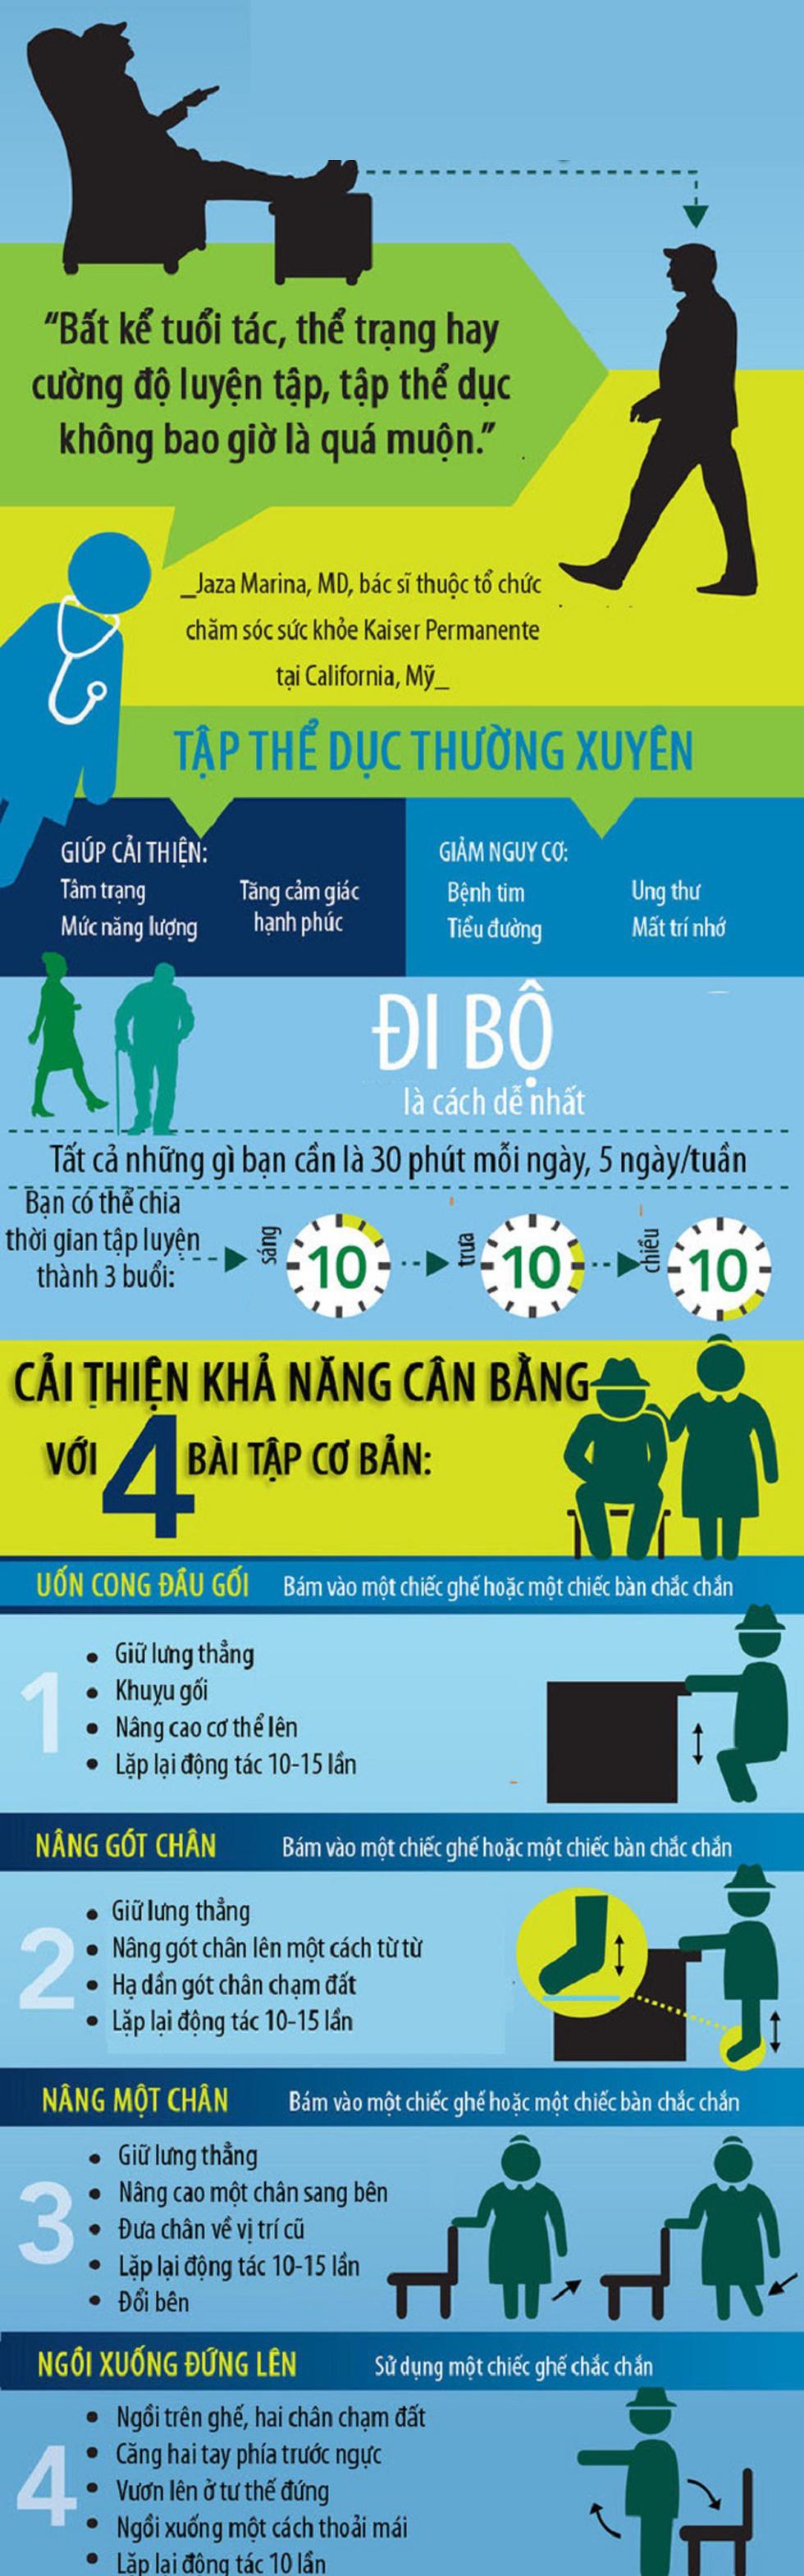 Bài tập nhẹ nhàng giúp người lớn tuổi luôn khỏe